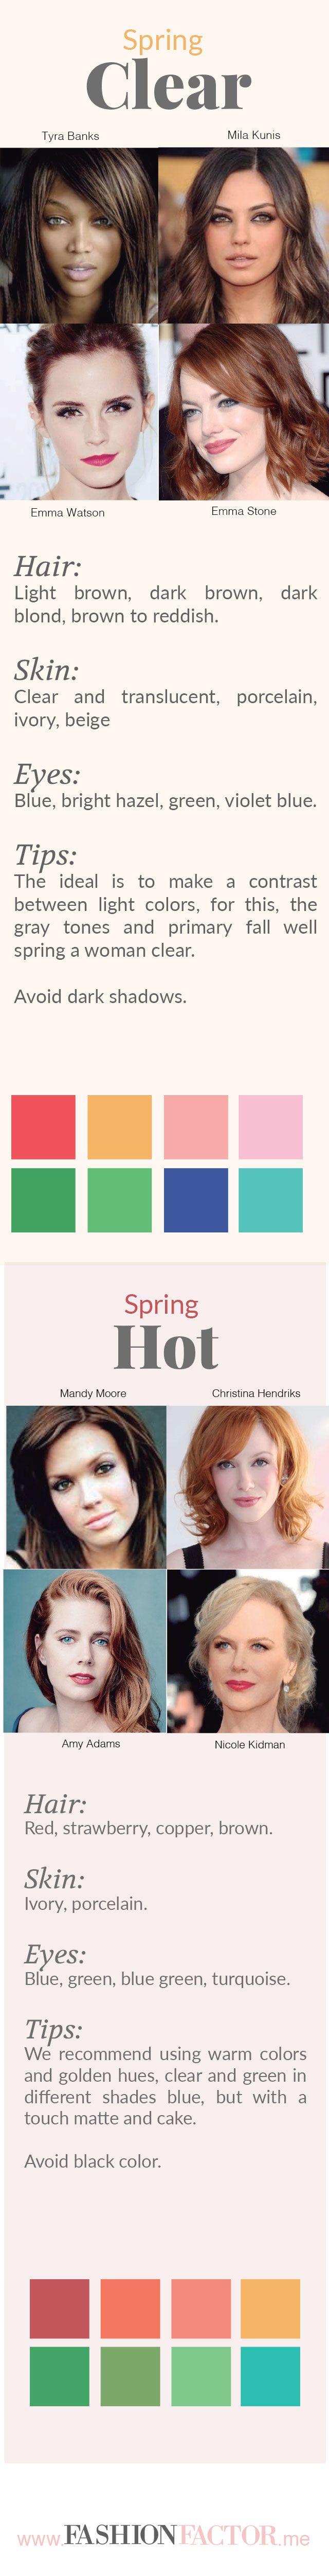 Tipos de piel primavera , Piel primavera , Tonos de piel primavera , Mujer primavera características , Qué va mejor en una piel primavera , Colores para tu piel primavera , Características piel primavera